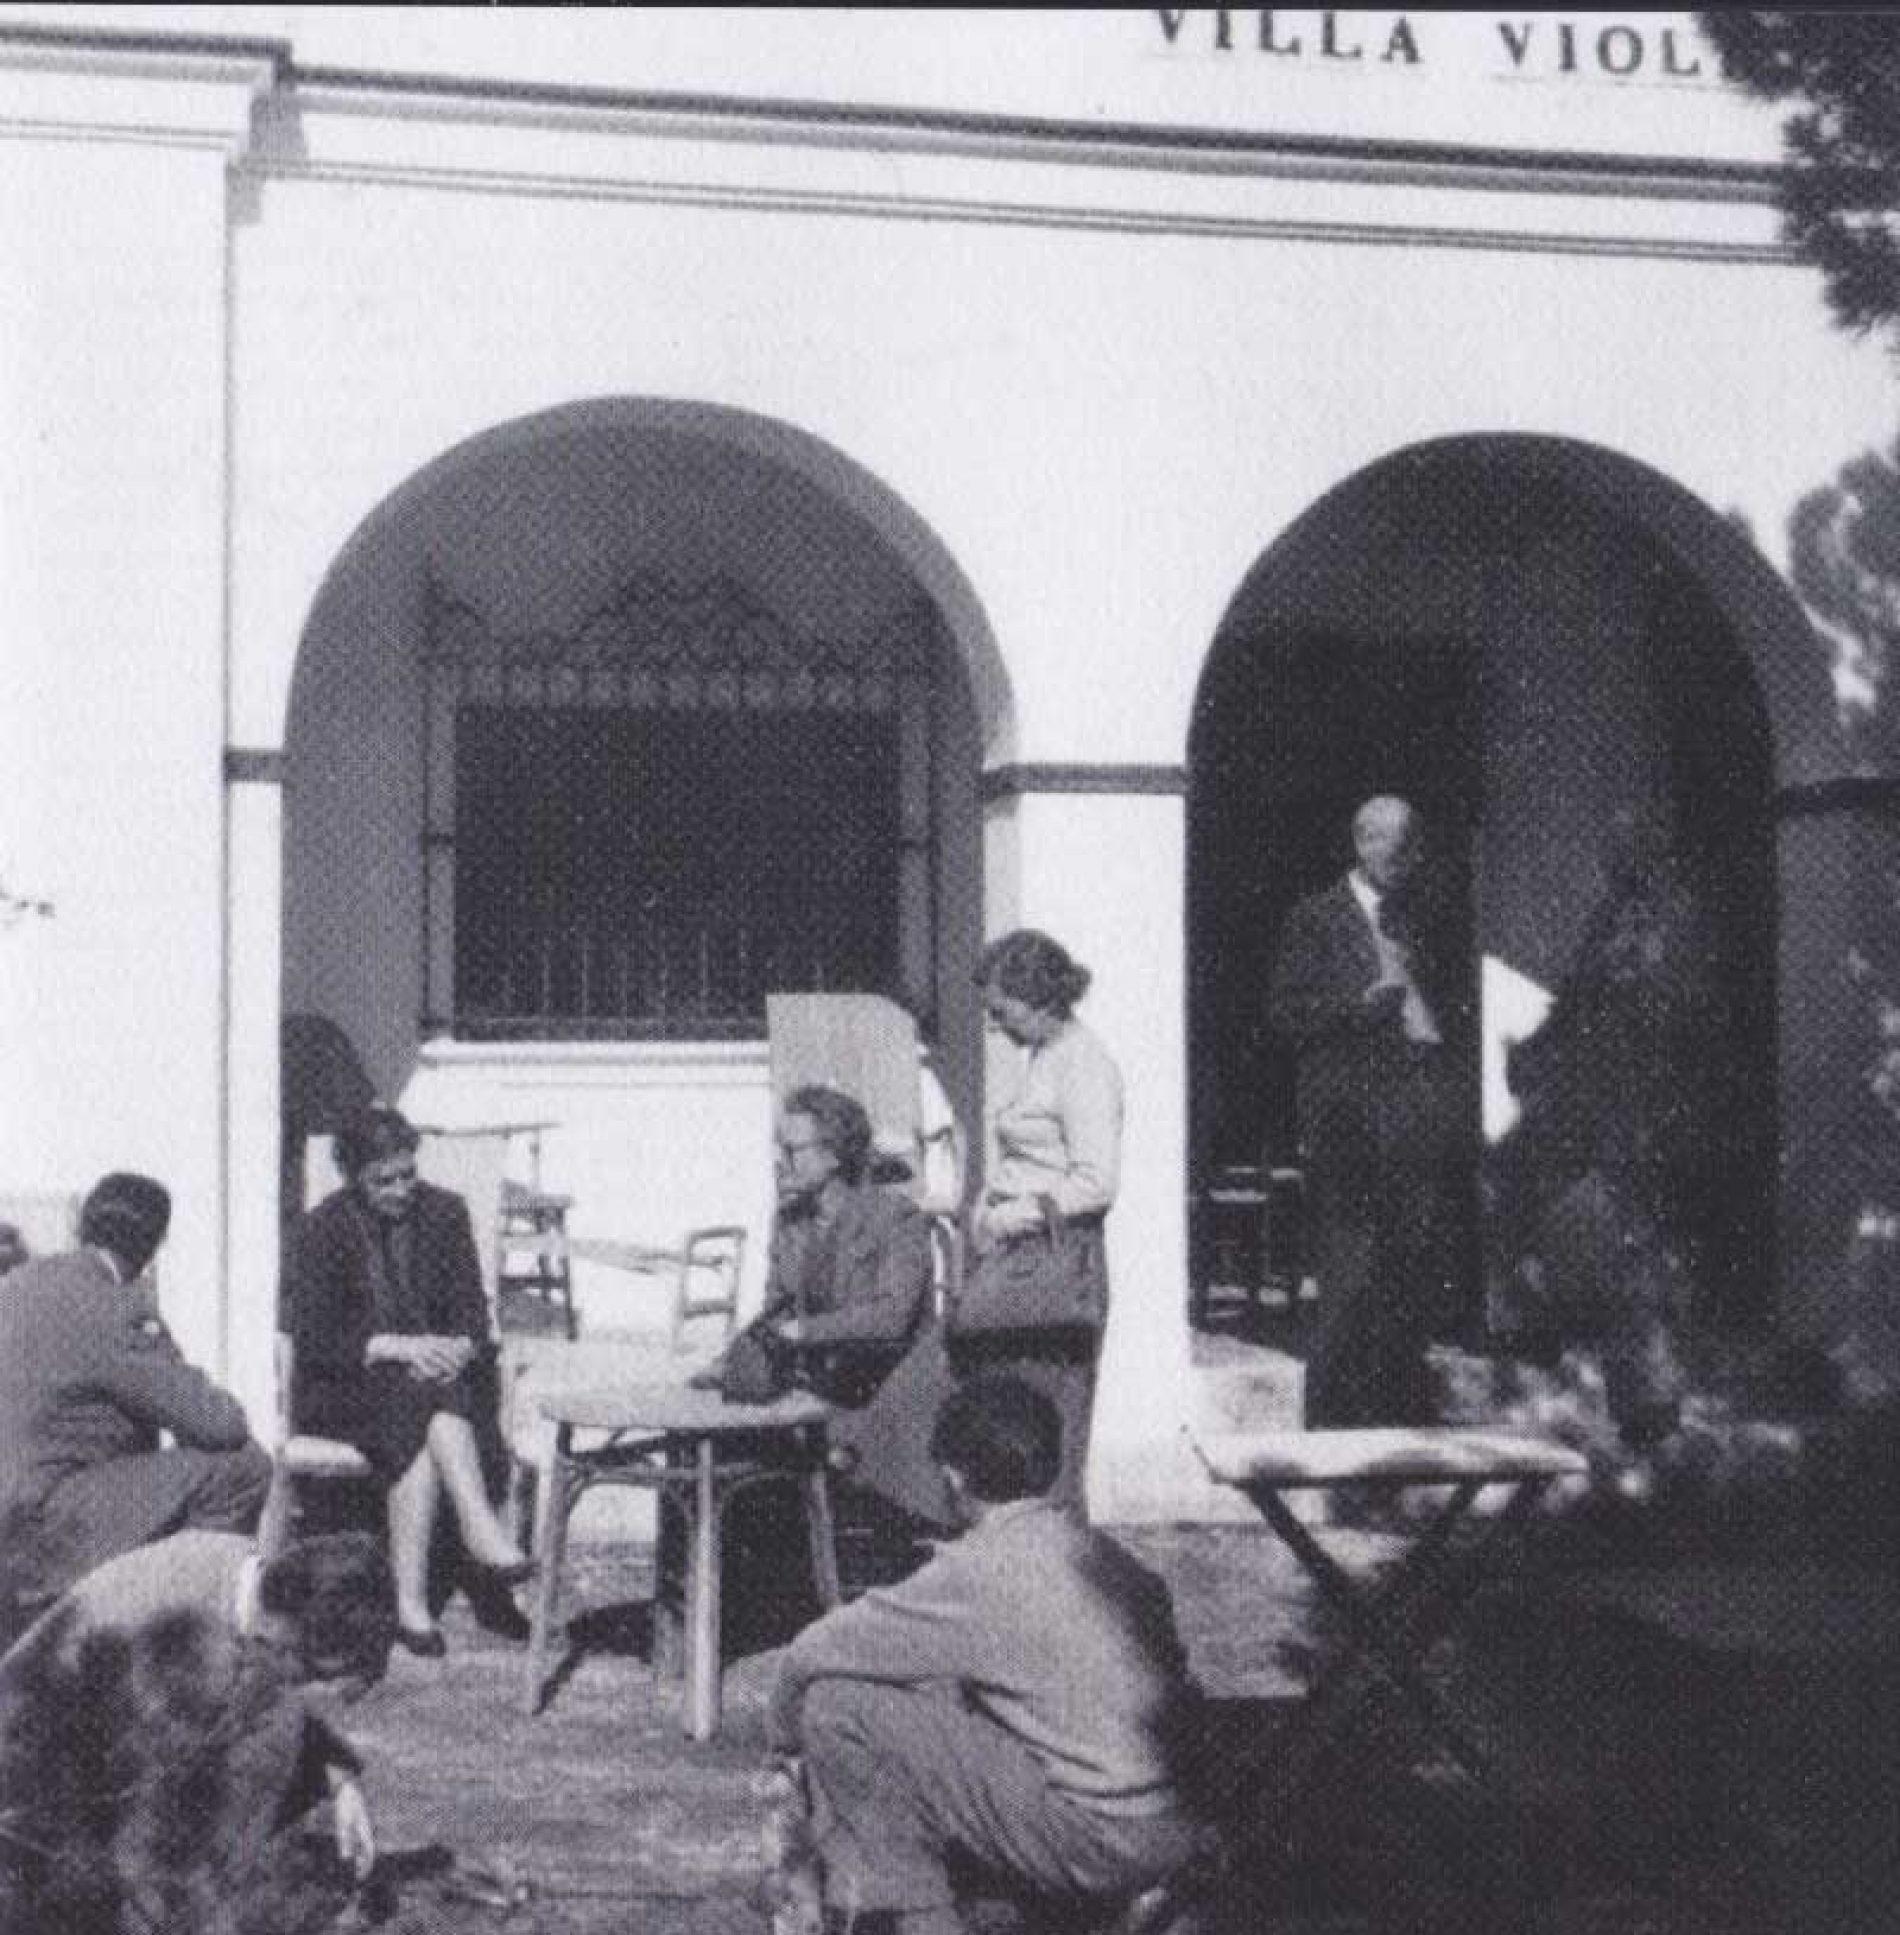 Villa Violeta, pasión por la naturaleza y la ornitología